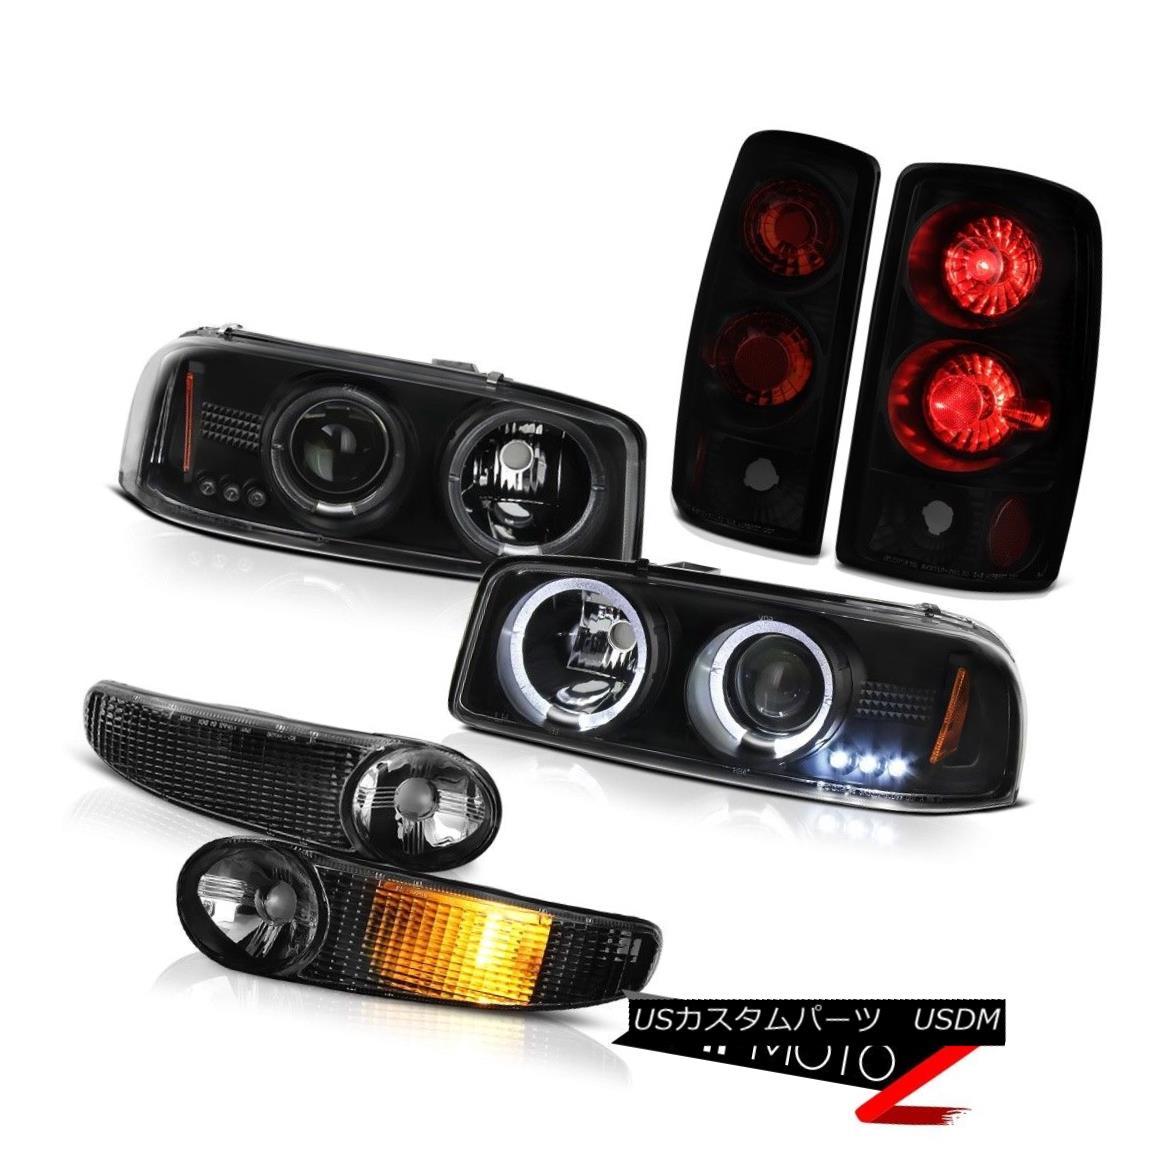 ヘッドライト 03 04 05 06 Yukon DRL LED Angel Eye Headlights Bumper Signal Reverse Tail Lights 03 04 05 06ユーコンDRL LEDエンジェルアイヘッドライトバンパーシグナルリバーステールライト